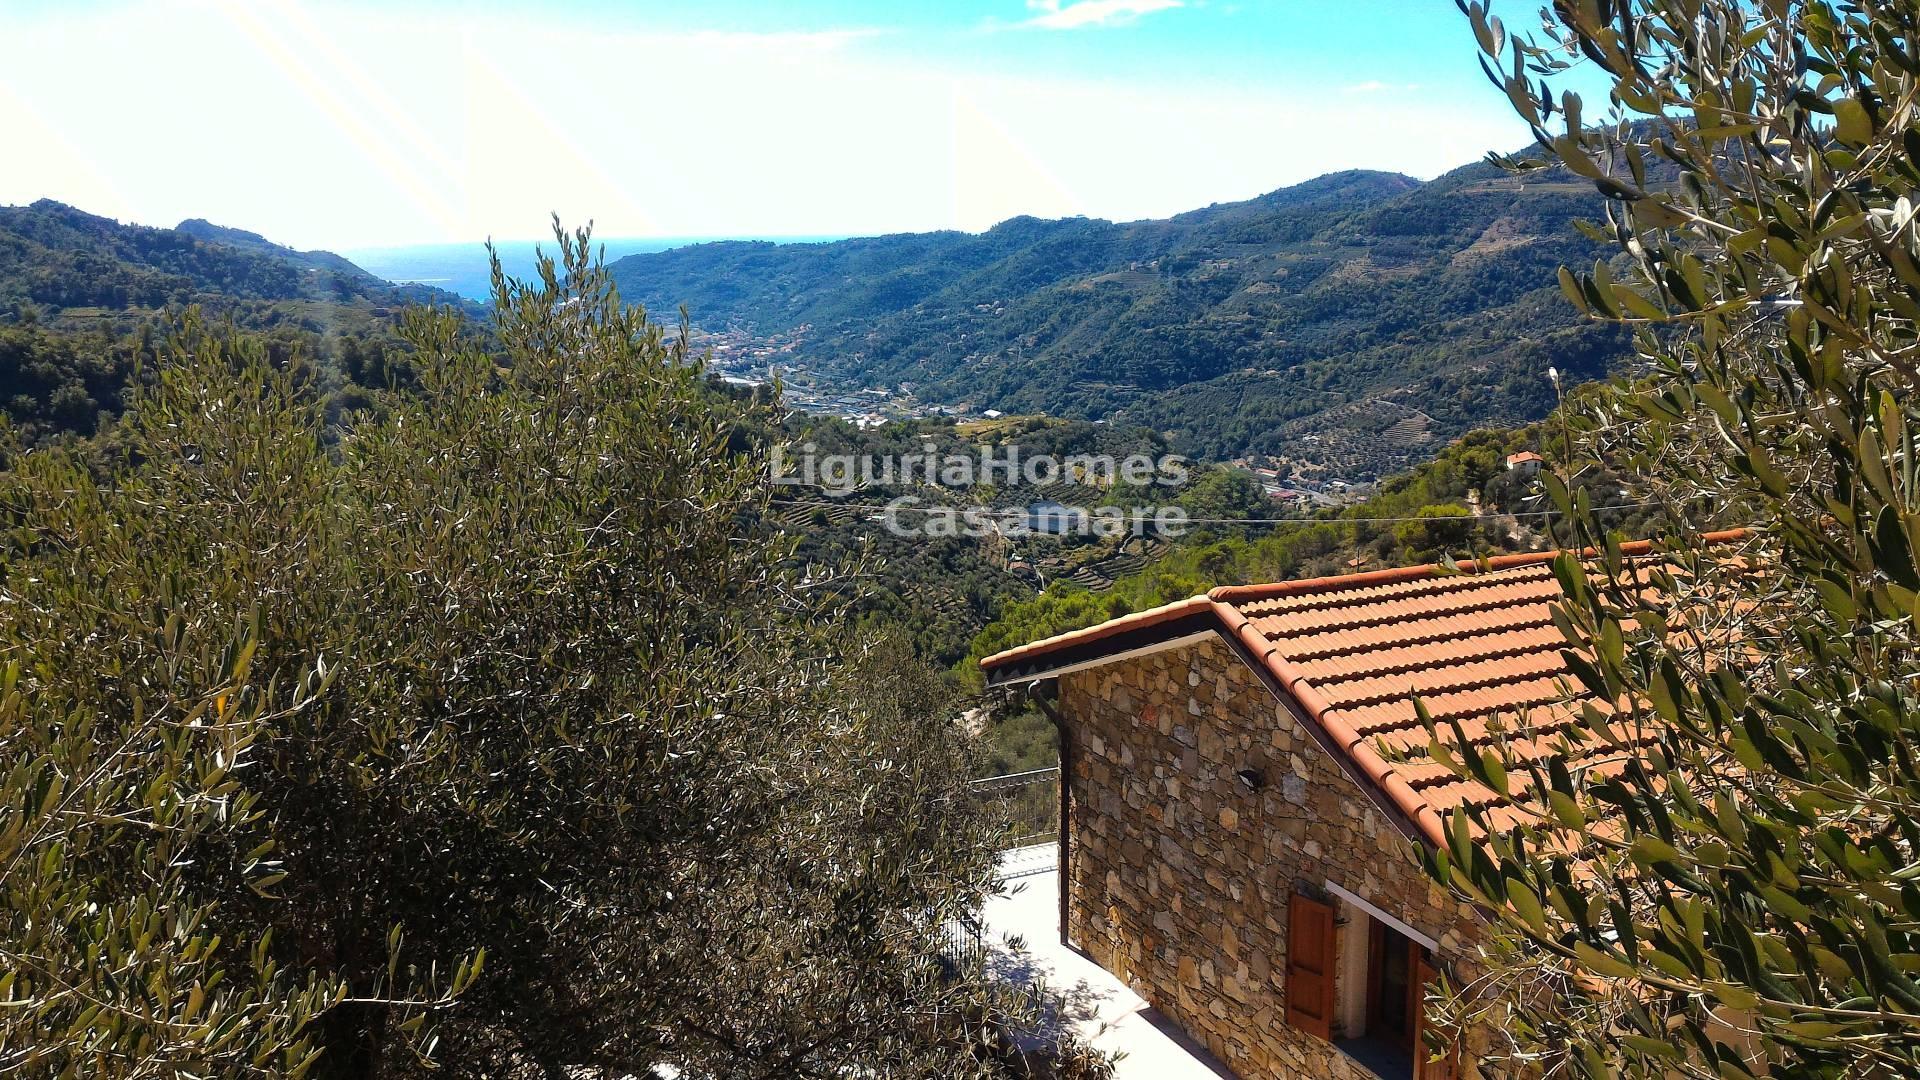 Villa in vendita a Dolceacqua, 6 locali, prezzo € 695.000 | CambioCasa.it